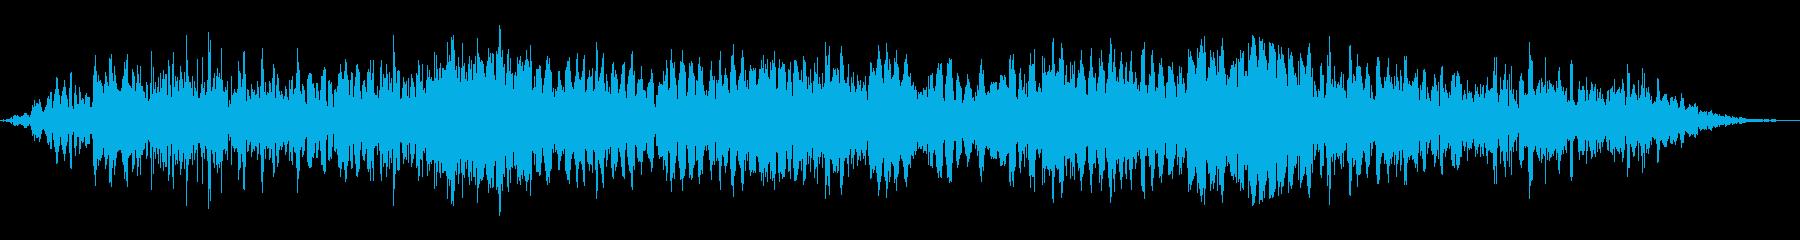 悪魔のような声で話す2の再生済みの波形